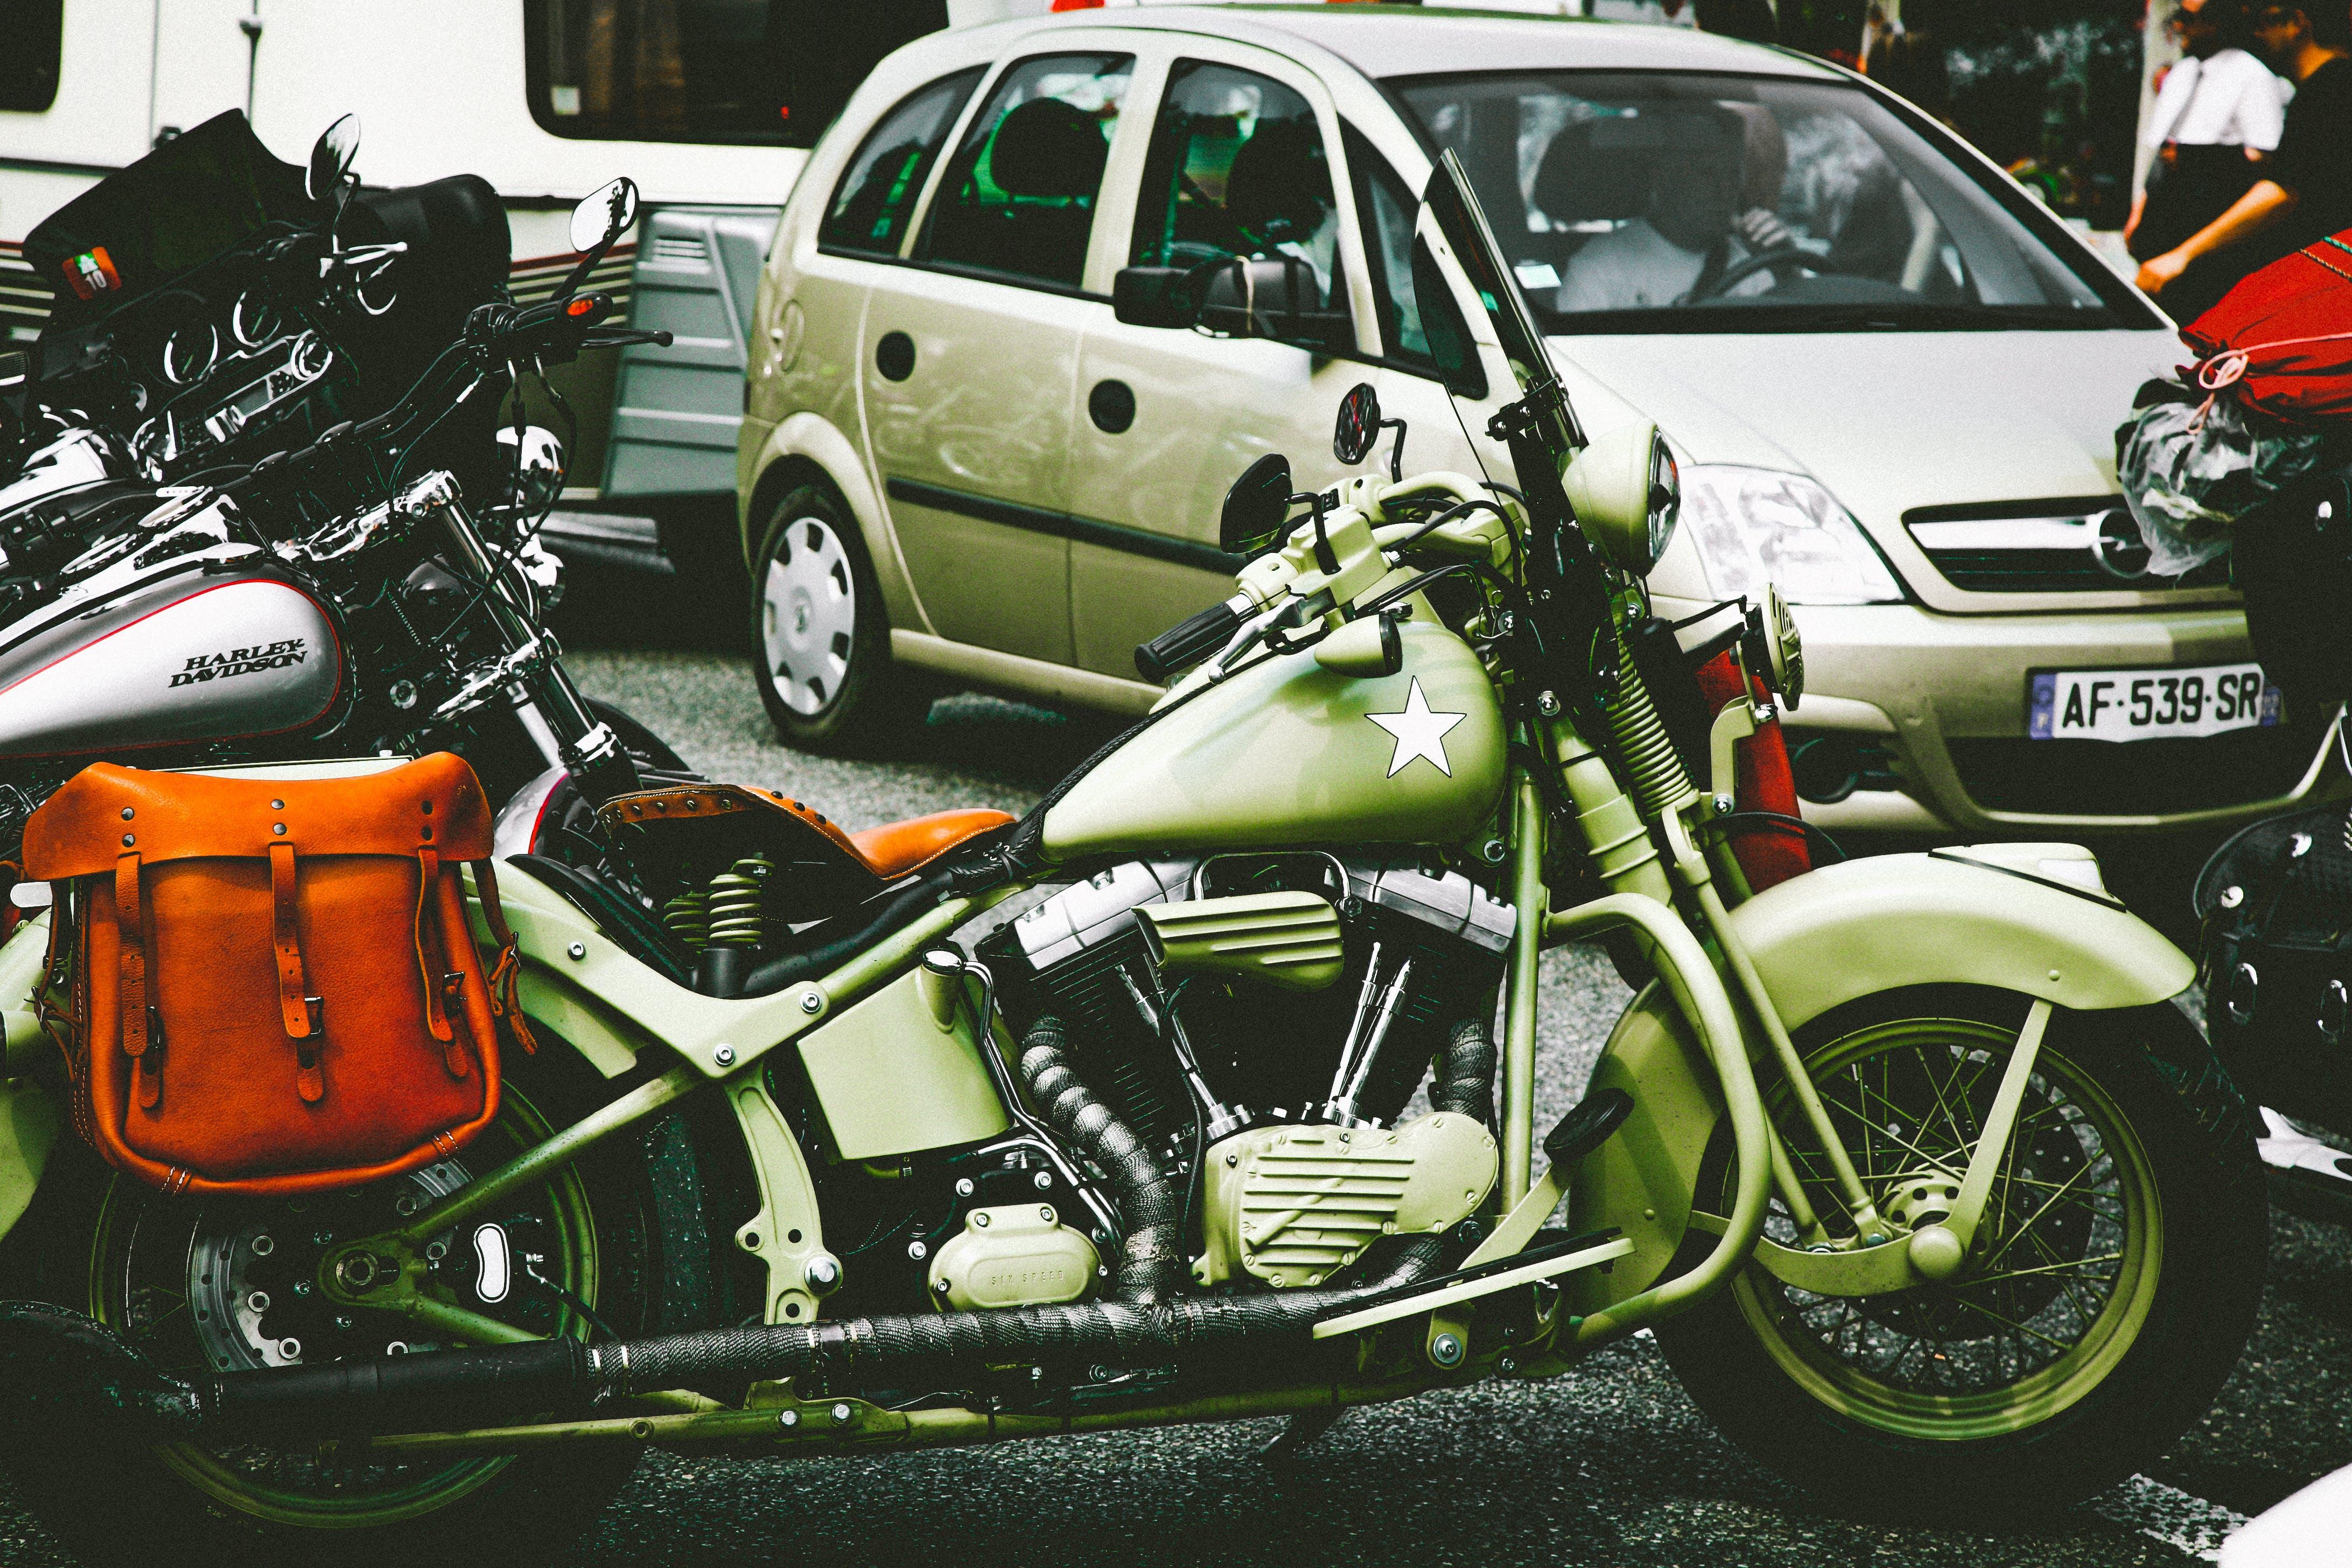 Δωρεάν στοκ φωτογραφιών με αναβάτης, αυτοκίνηση, ιππεύω, μοτοσικλέτα